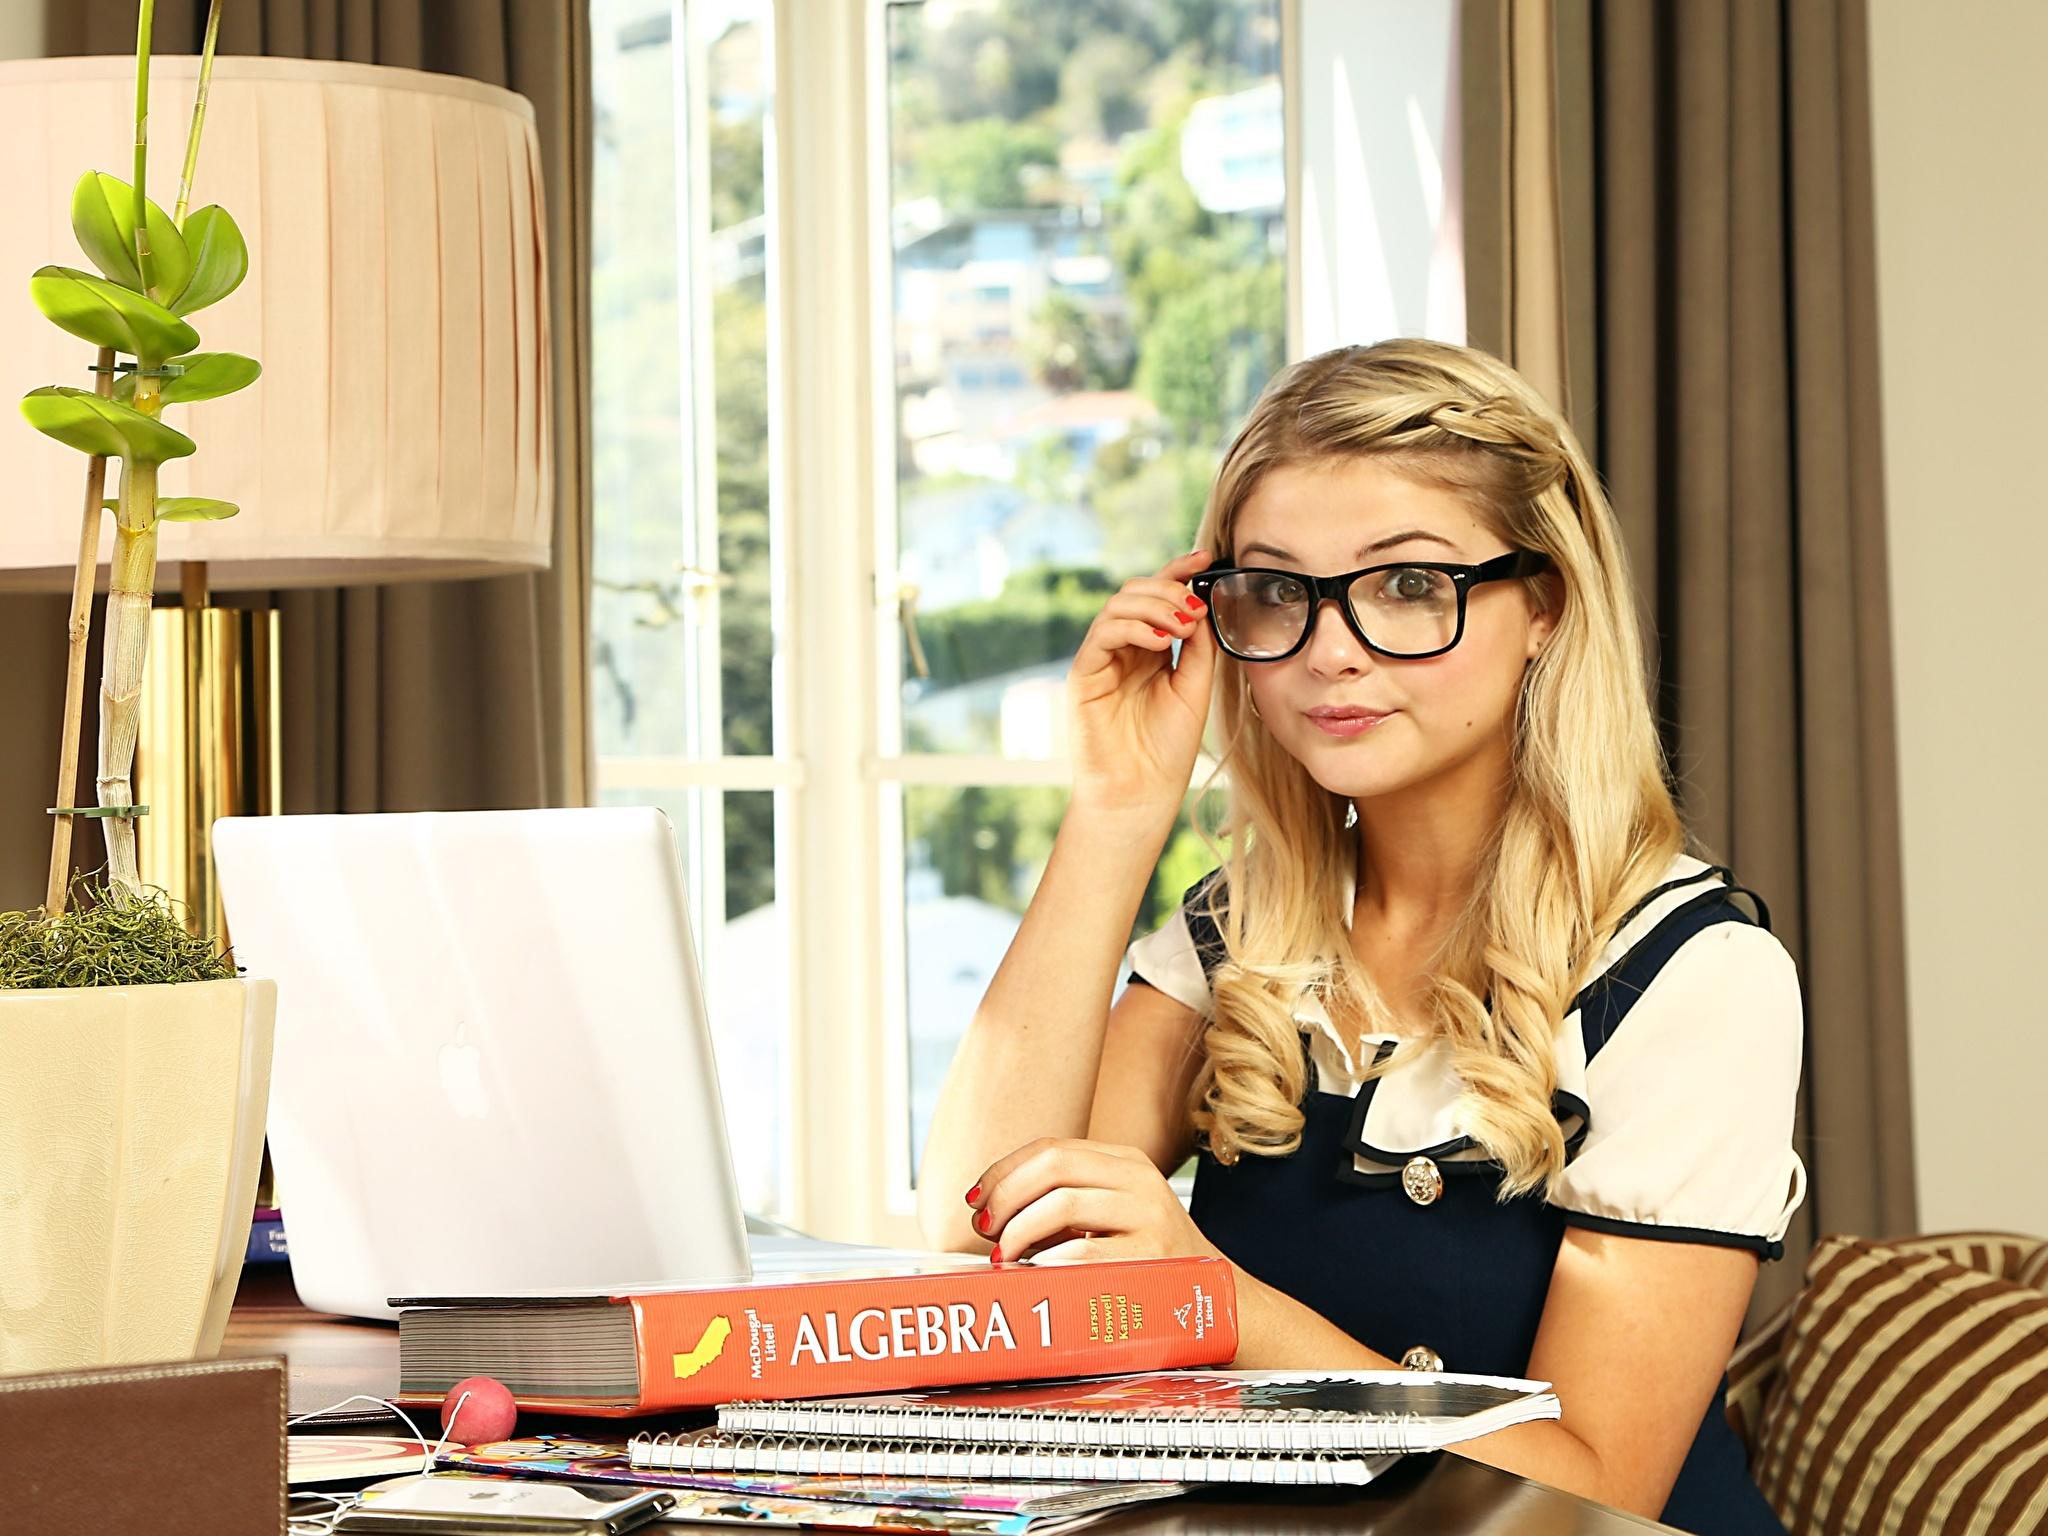 stefanie scott glasses wallpaper 71633